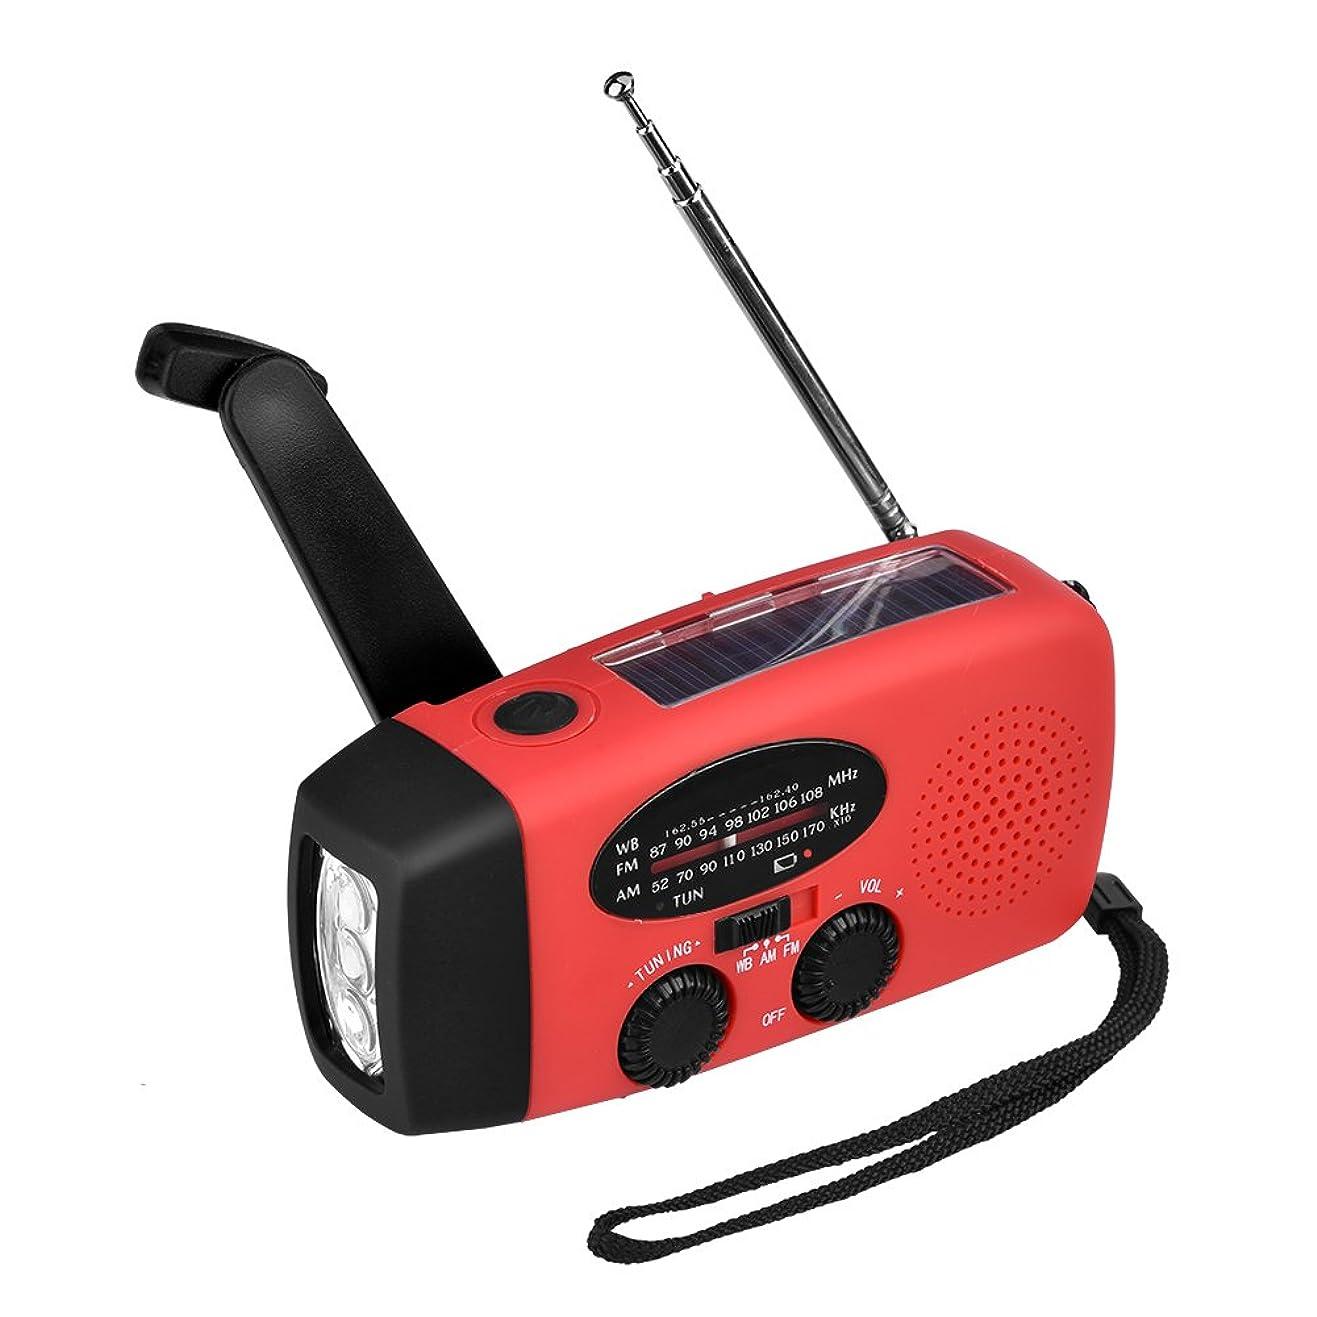 ソブリケット認証寄託防災ラジオ ポータブルラジオ  ラジオライト  2way充電 AM/FM / WBラジオ USB充電式 手回し充電 多機能 LEDライト付き 携帯充電器 緊急対策 (レッド)